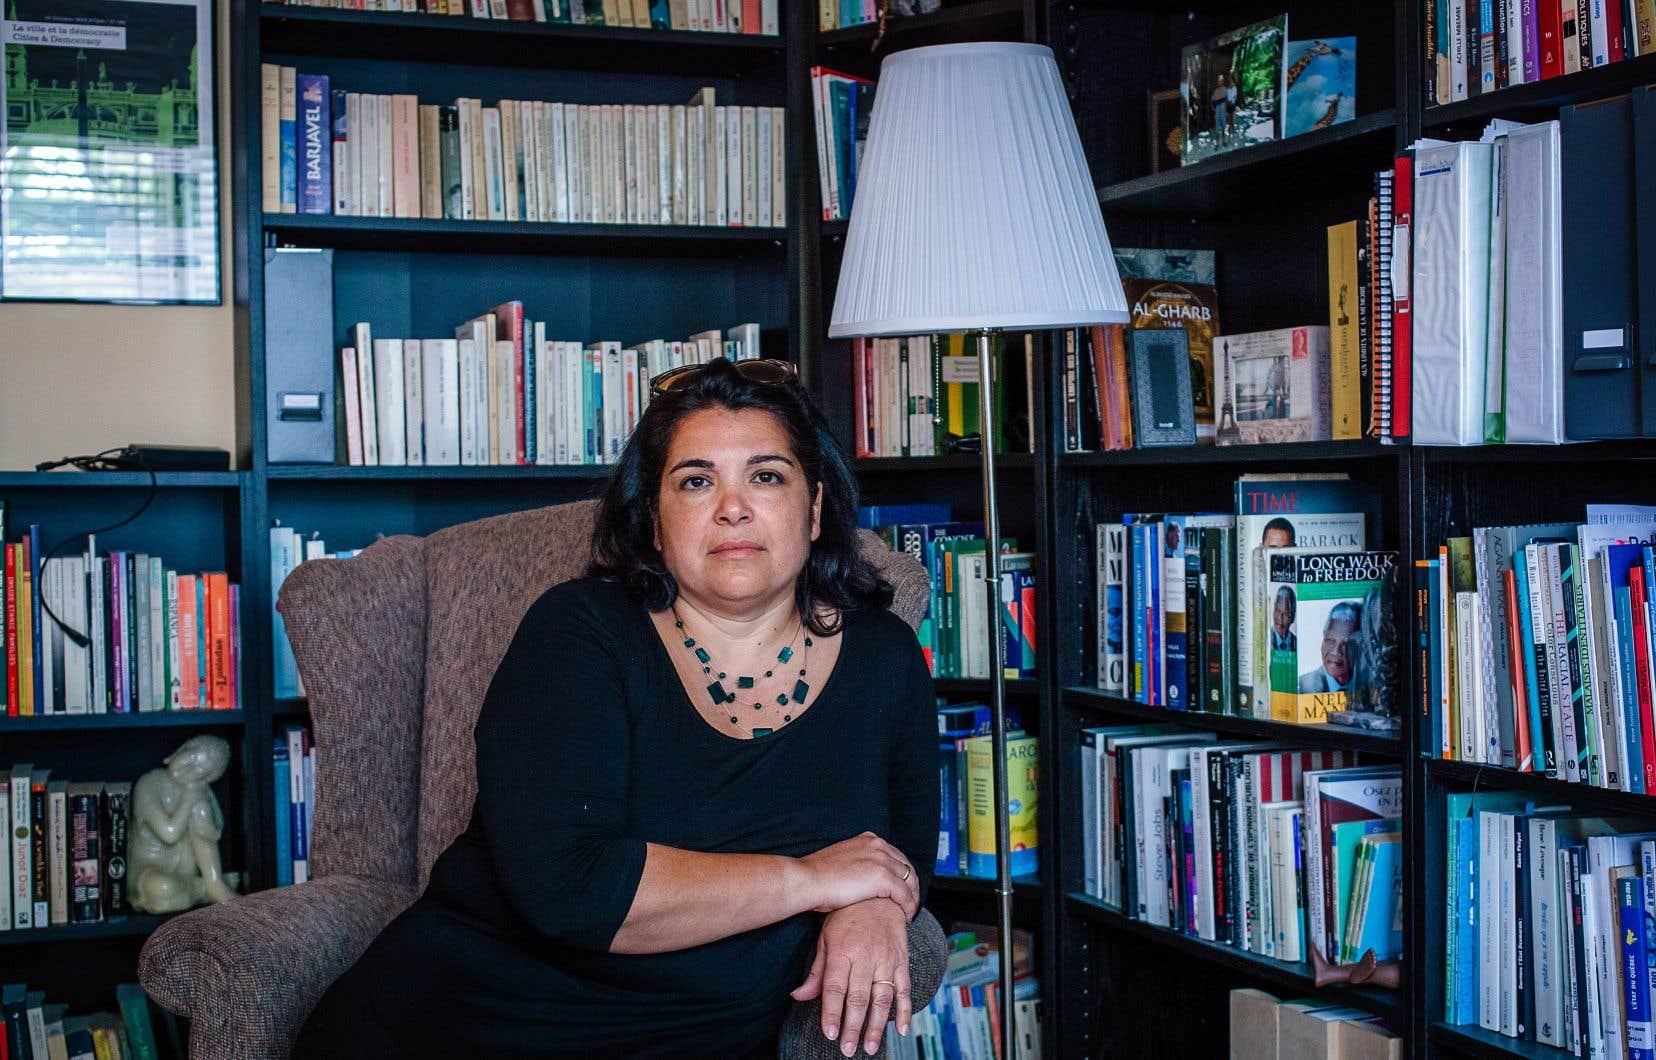 Rosa Pires est née à Montréal de parents d'origine portugaise.